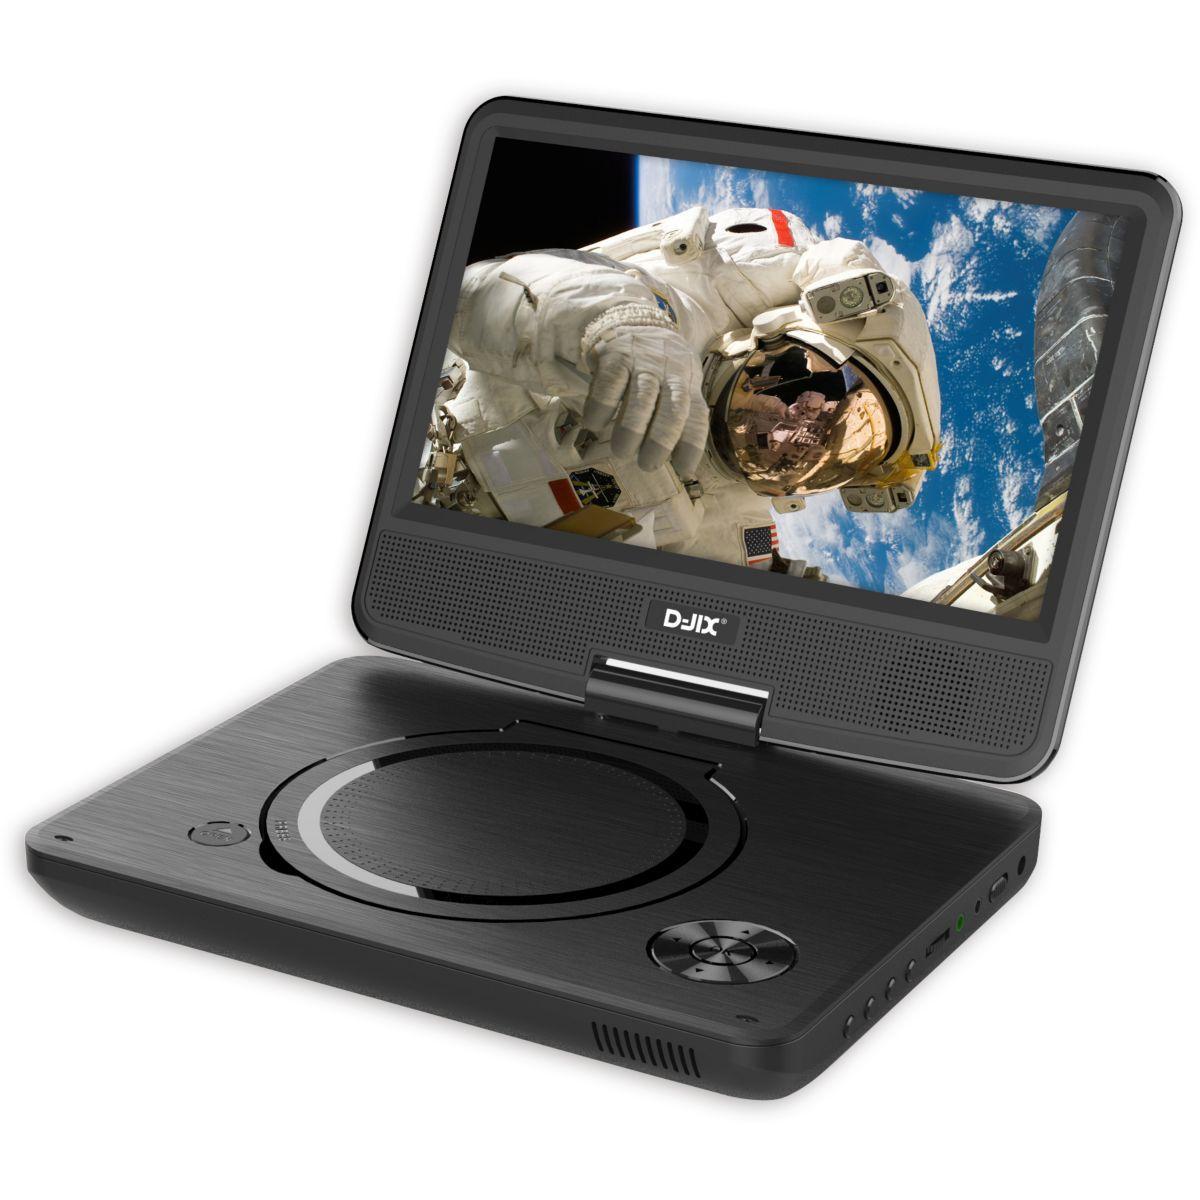 Dvd portable d-jix pvs 906-20 - 2% de remise imm�diate avec le code : fete2